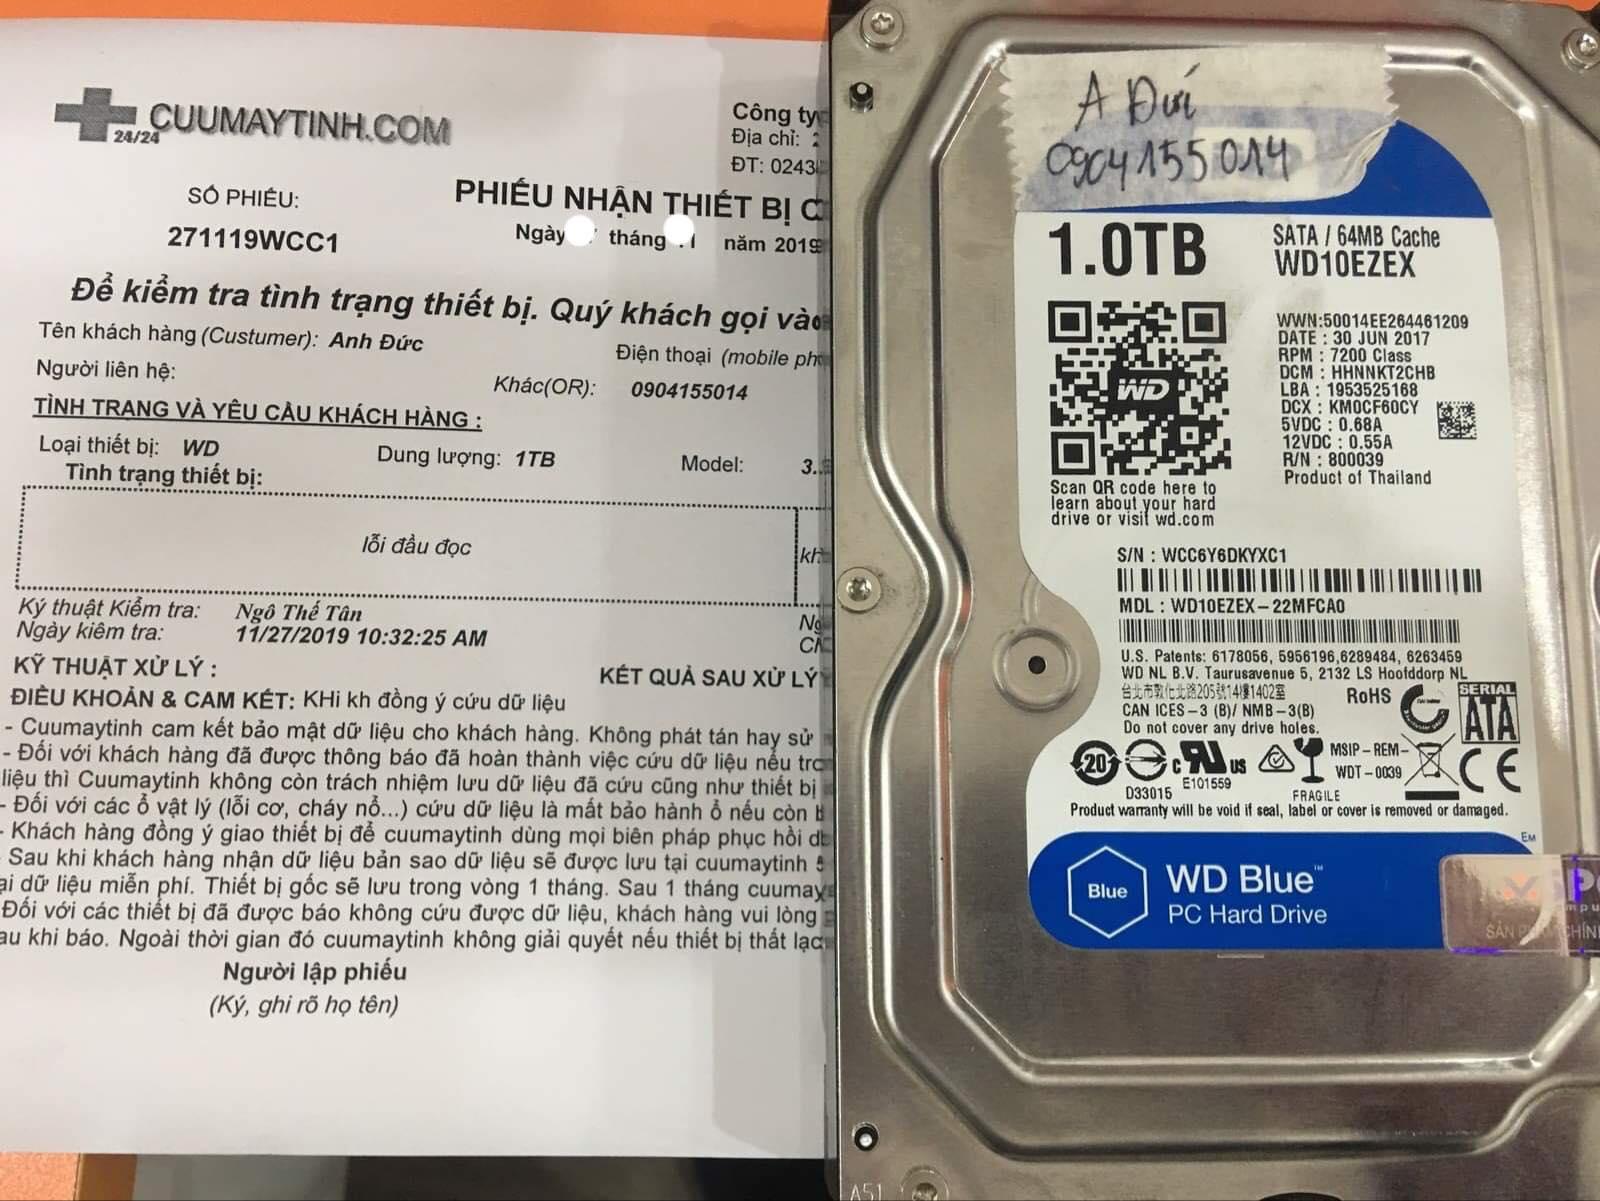 Cứu dữ liệu ổ cứng Western 1TB lỗi đầu đọc 23/12/2019 - cuumaytinh